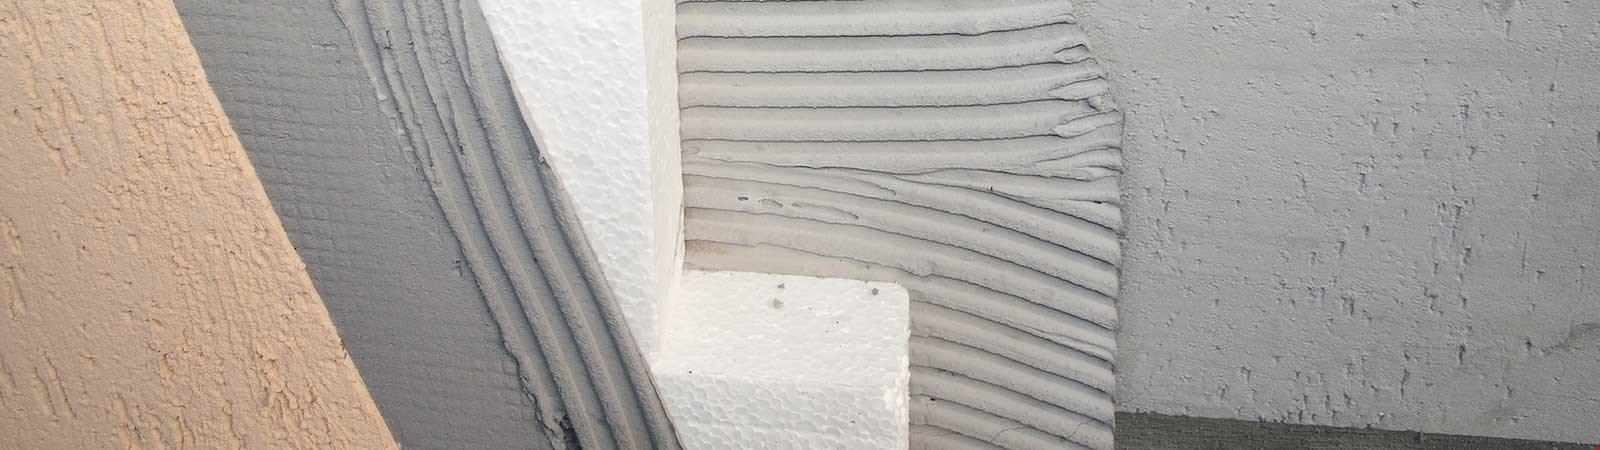 Wärmeverbundsysteme: Der einfache Weg zur Fassadendämmung